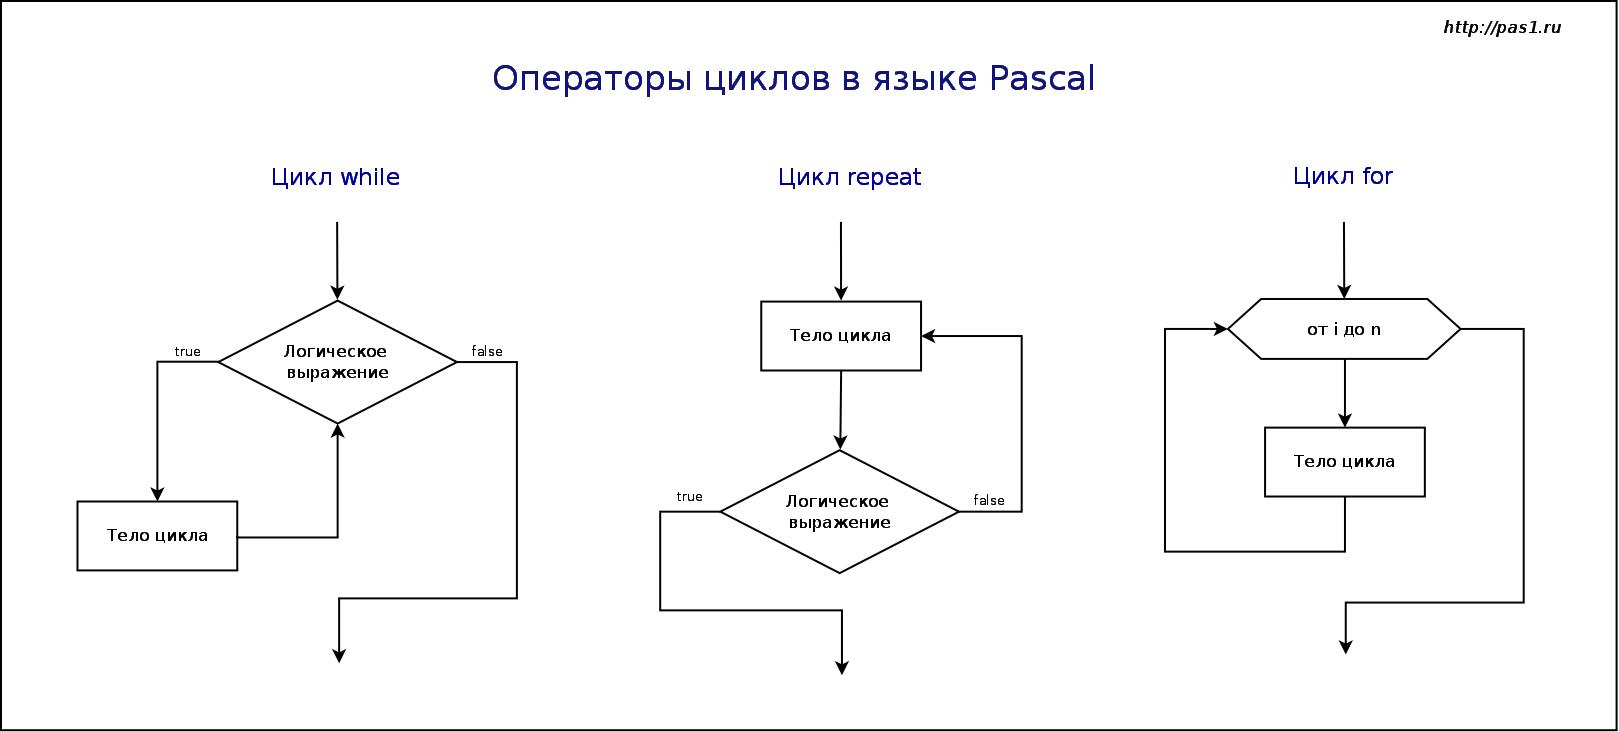 Блок схема циклического вычислительного процесса